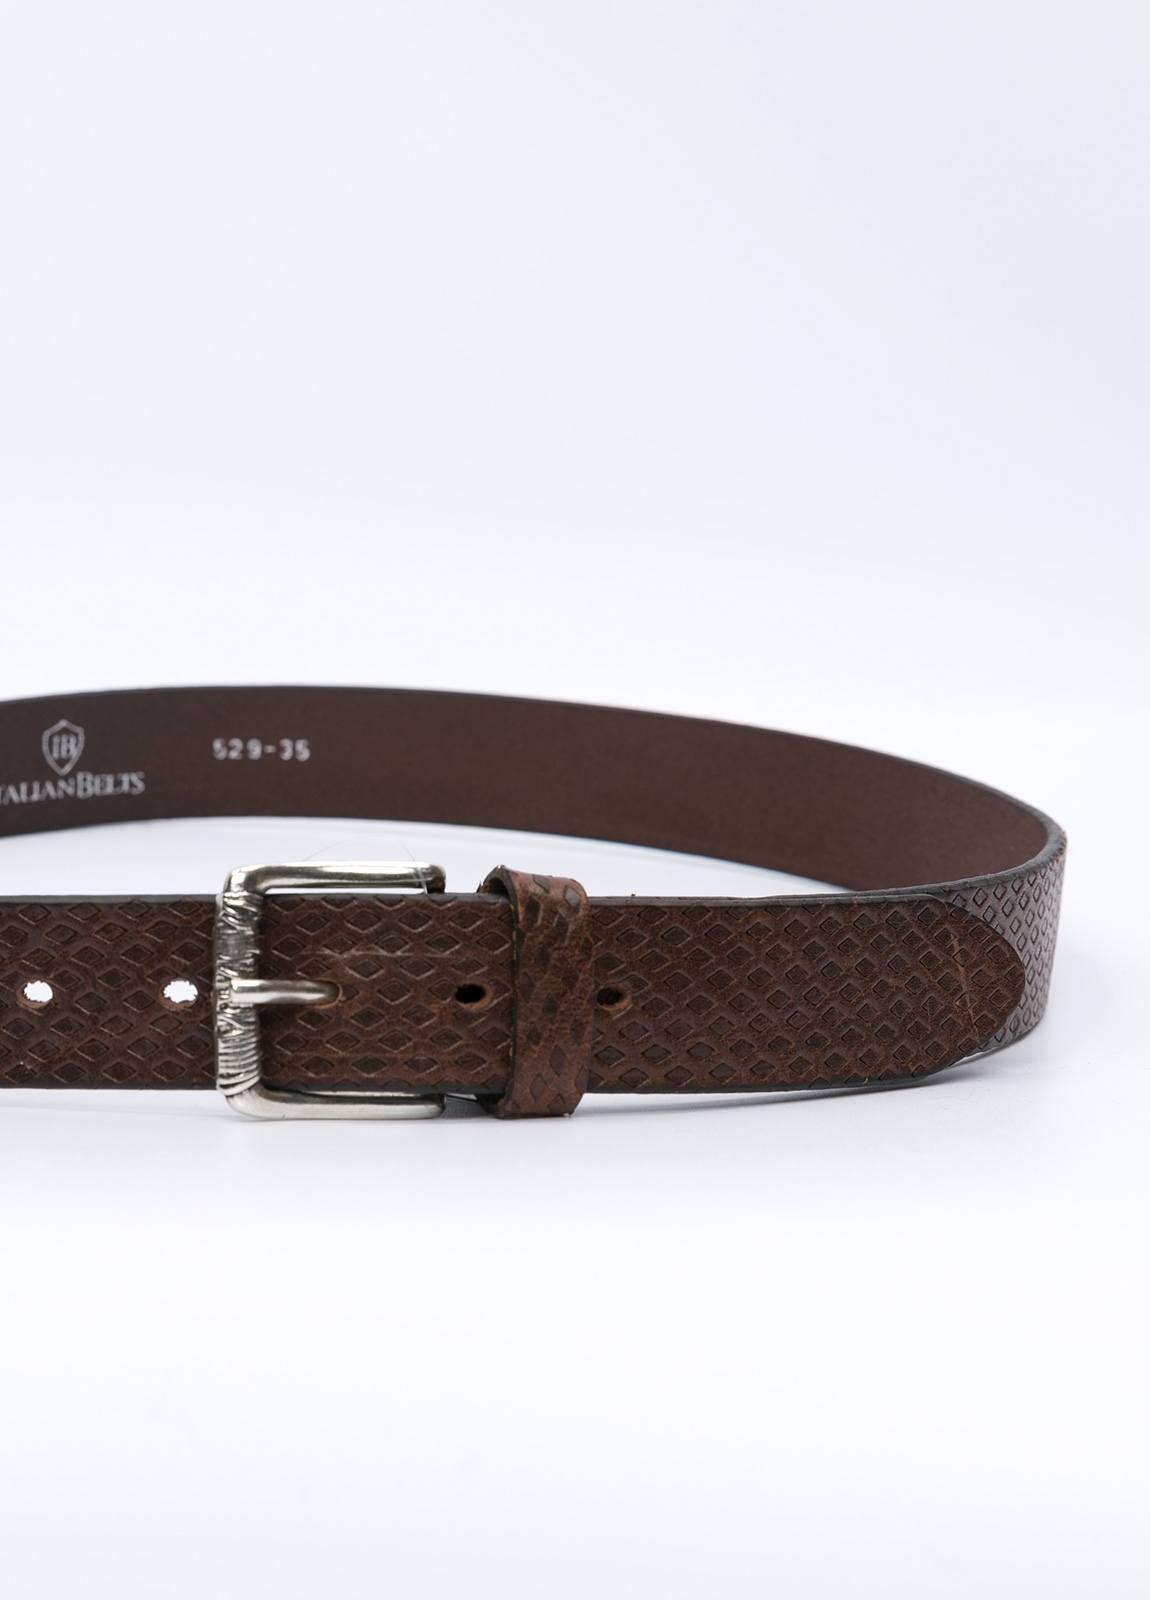 Cinturón sport ITALIAN BELTS marrón - Ítem1